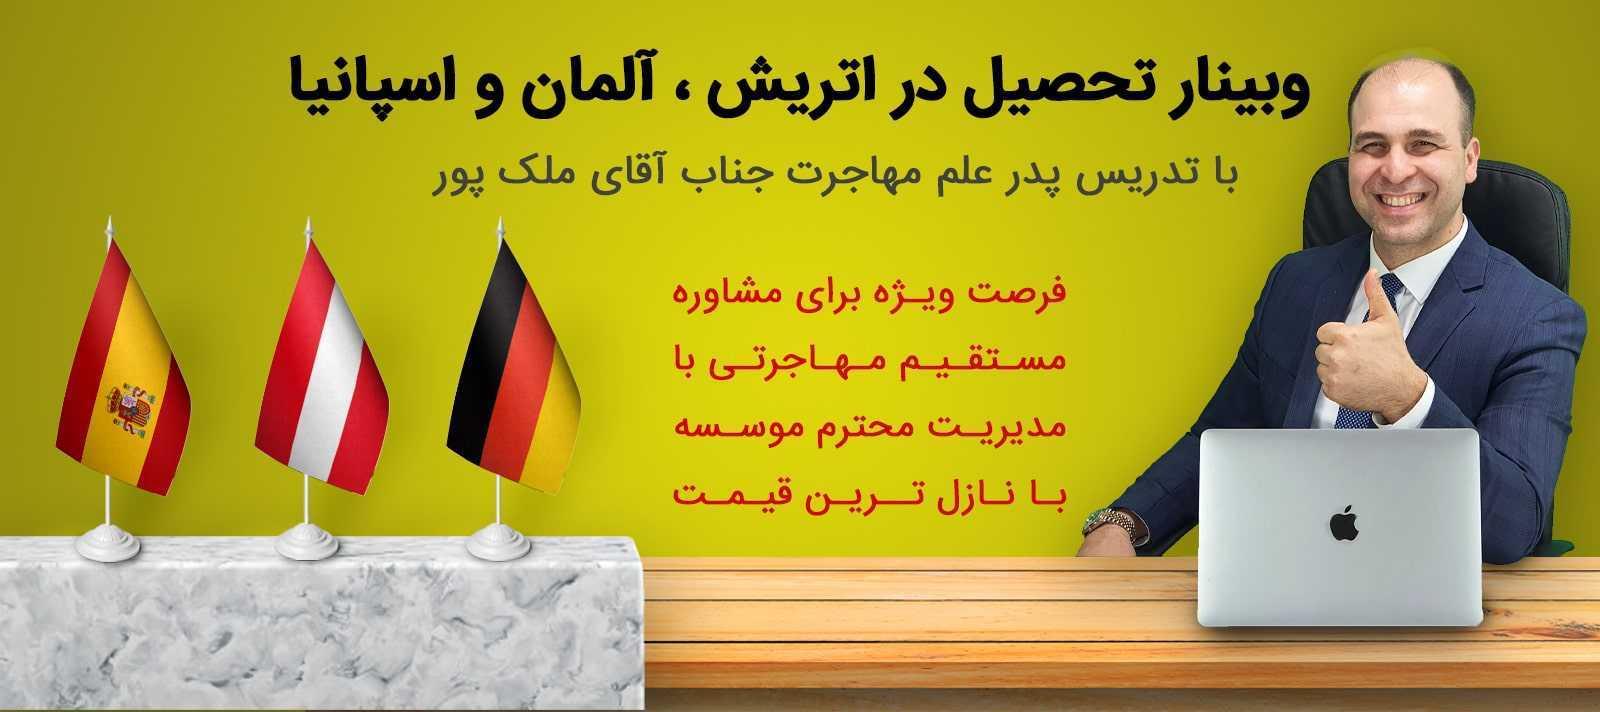 وبینار تحصیل در خارج از کشور آلمان ، اتریش ، اسپانیا بدون کلیک min وبینار های موسسه حقوقی ملک پور